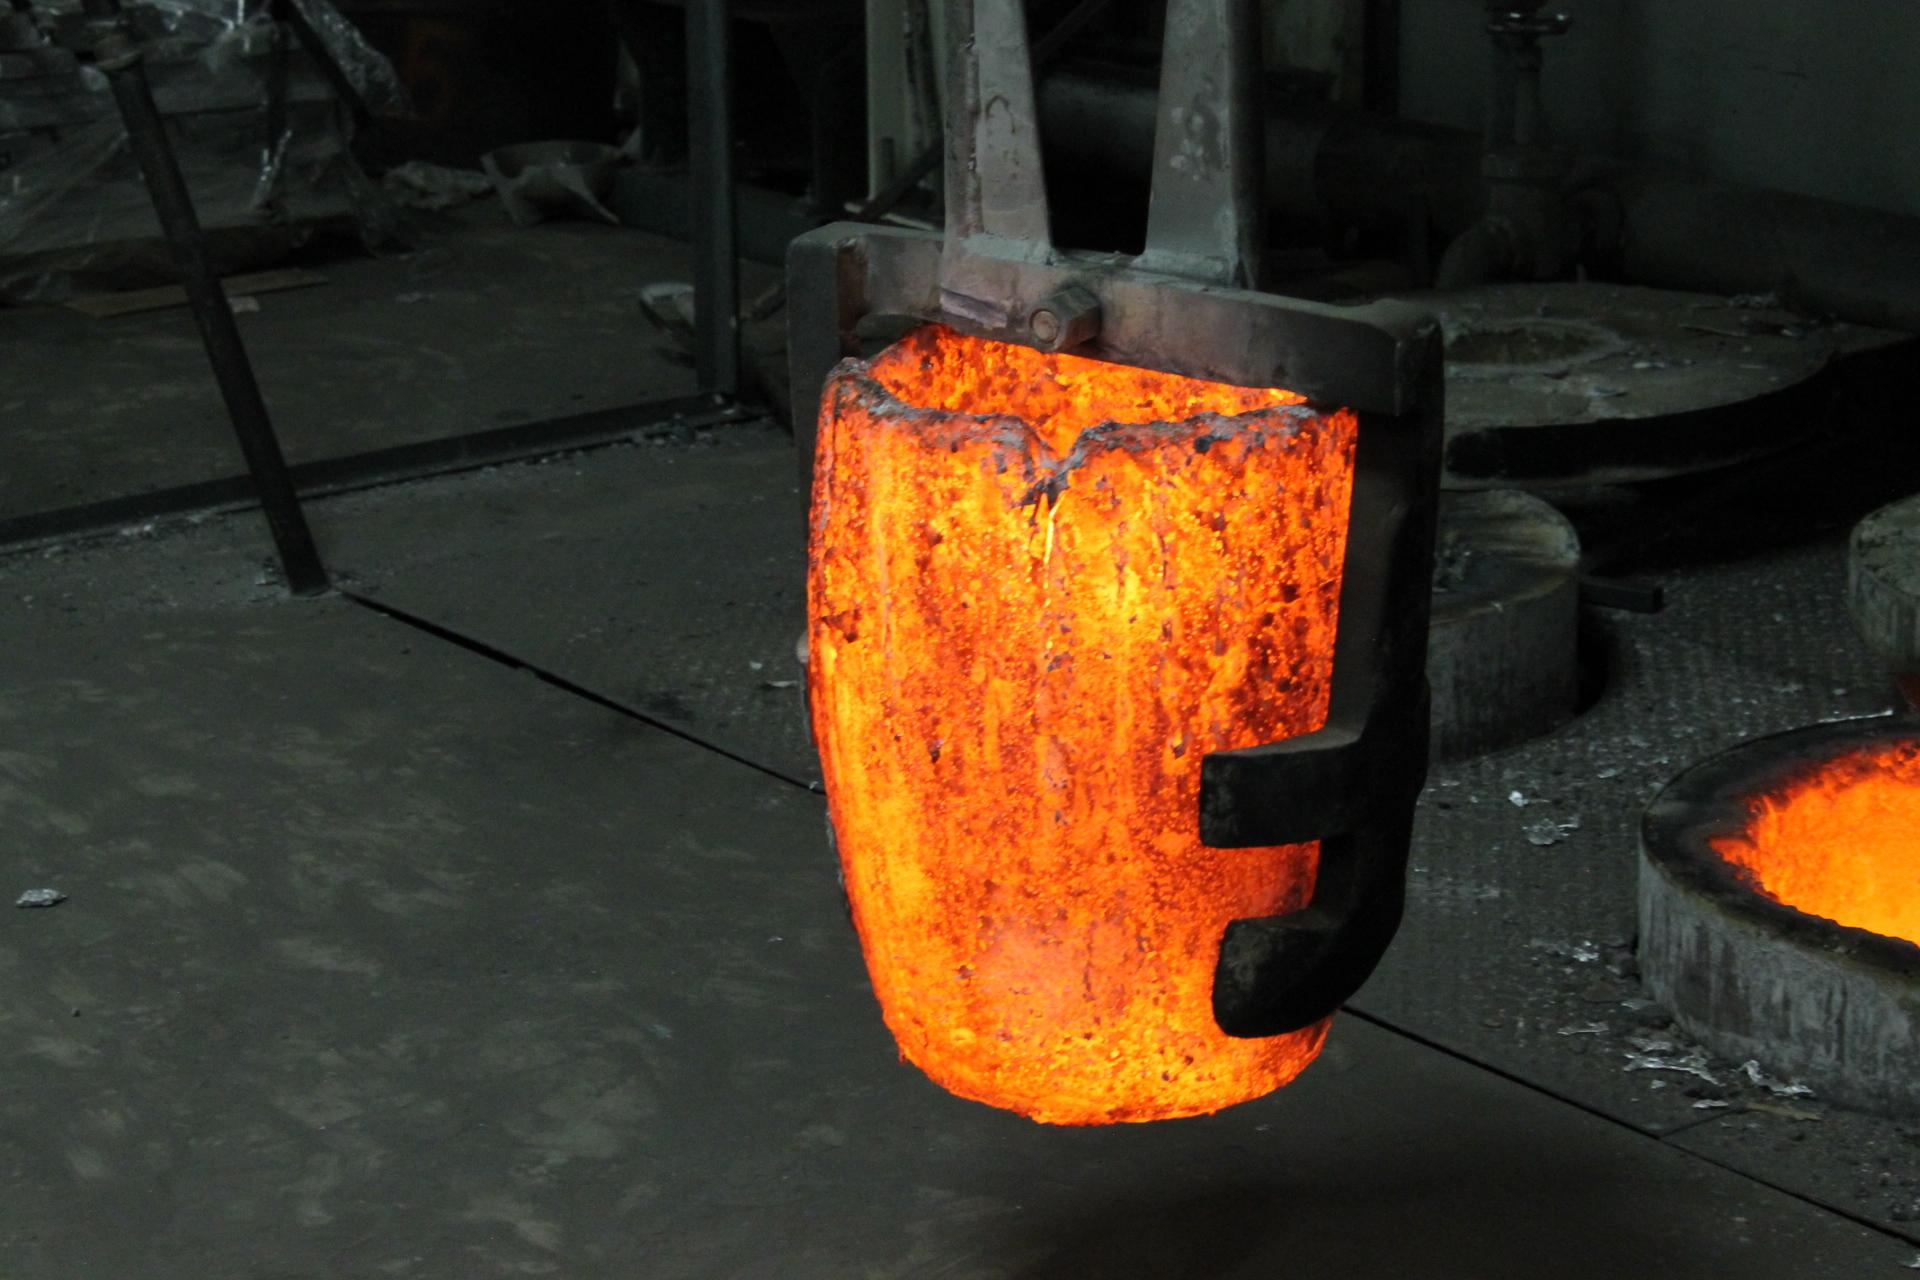 A crucible with molten aluminum